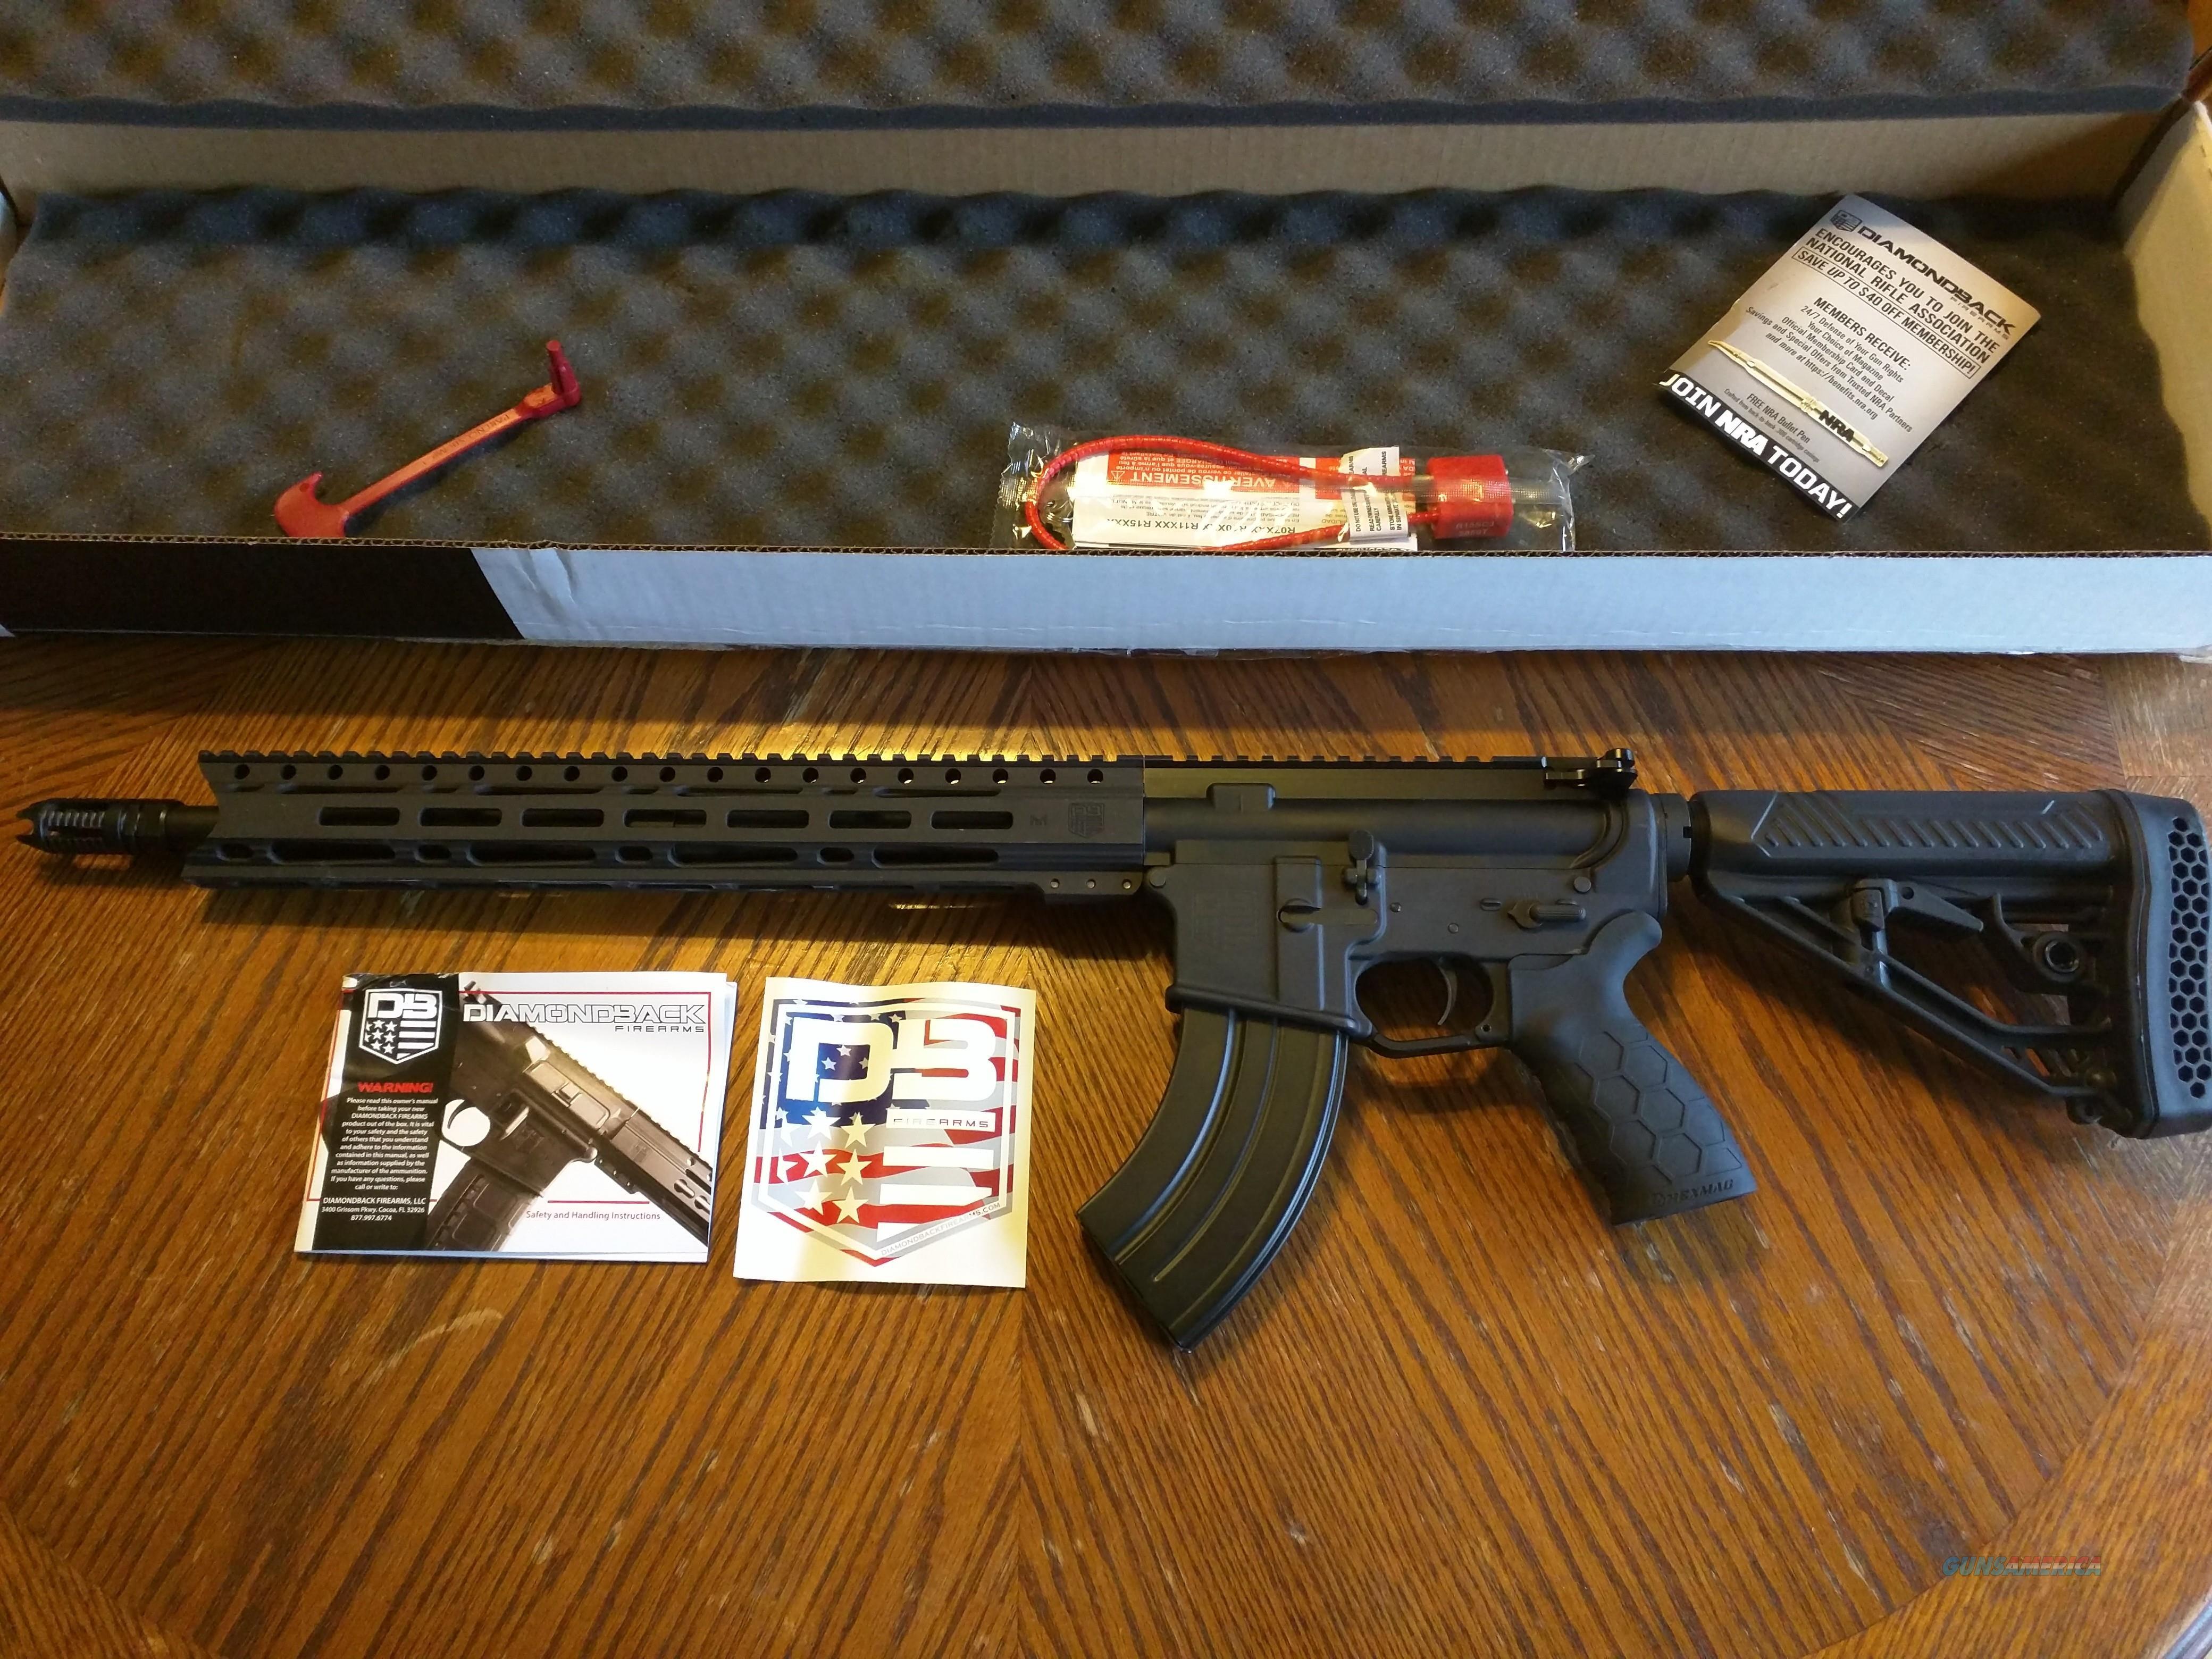 Diamondback DB 15 AR 15 7 62x39 AK 47 Caliber in an AR 15, 16